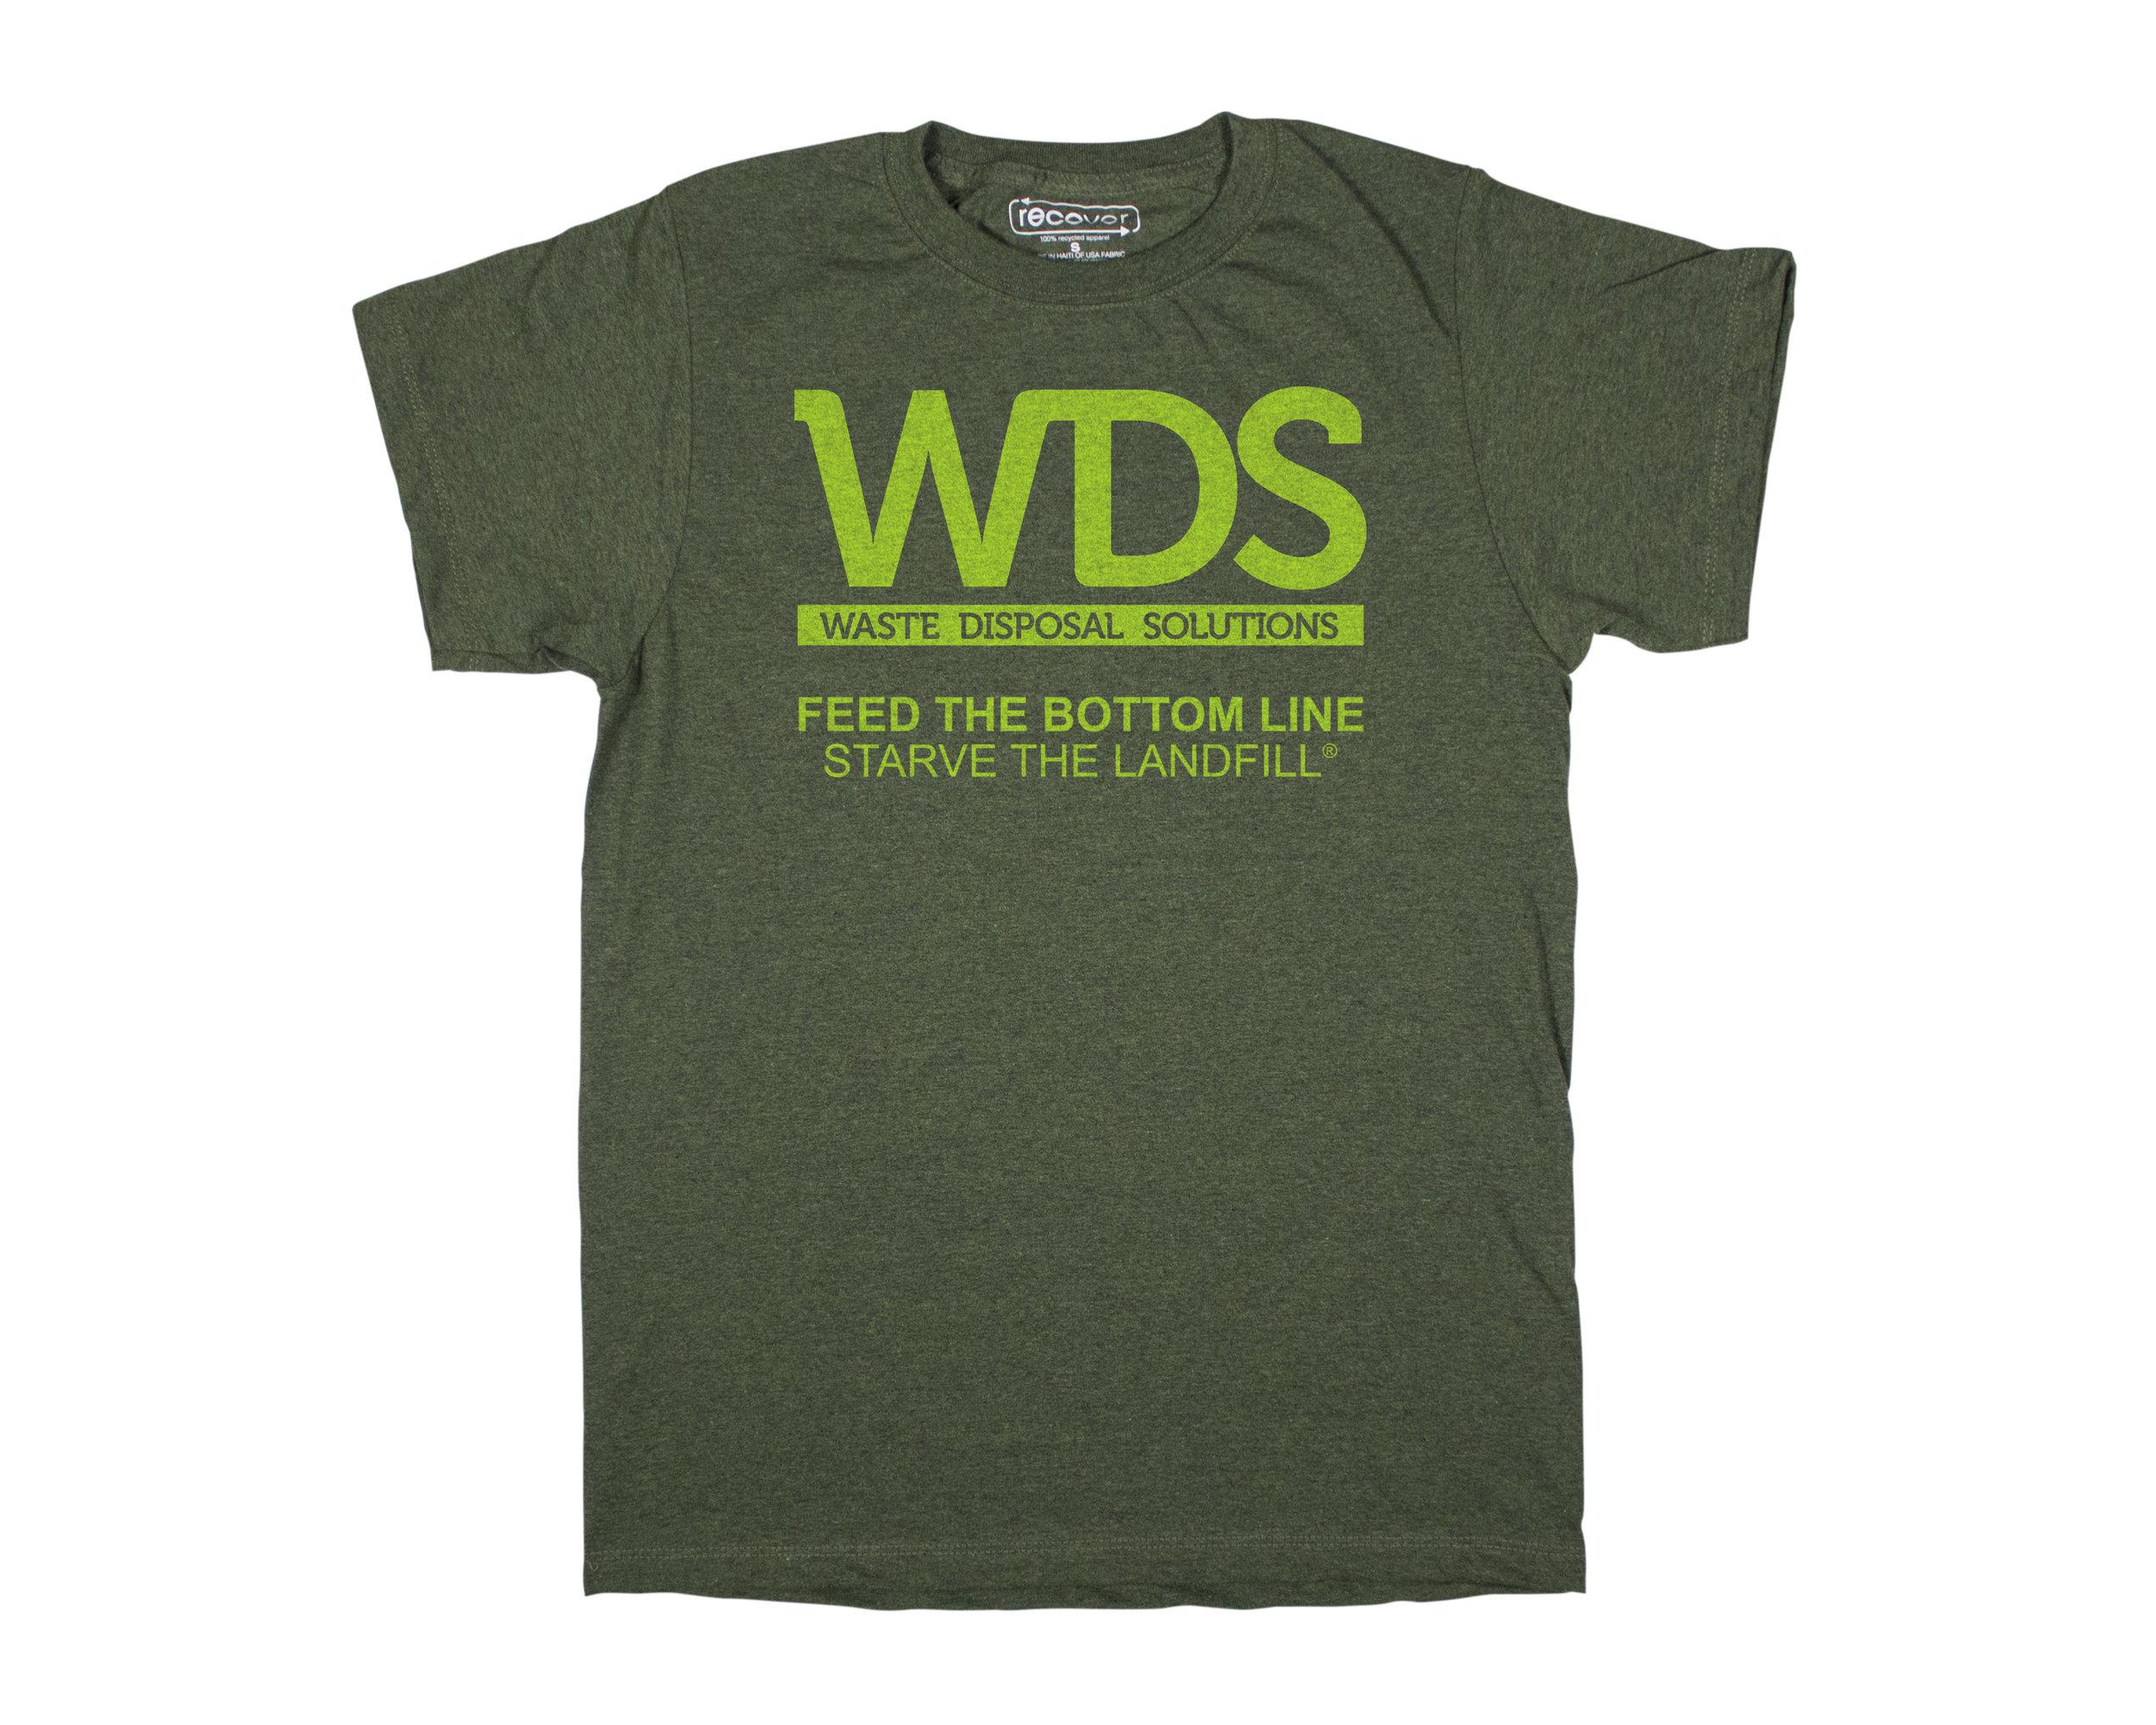 screenprinting-WDS-Green-Ink-375-Grass-Bigger-Tagline-3.jpg